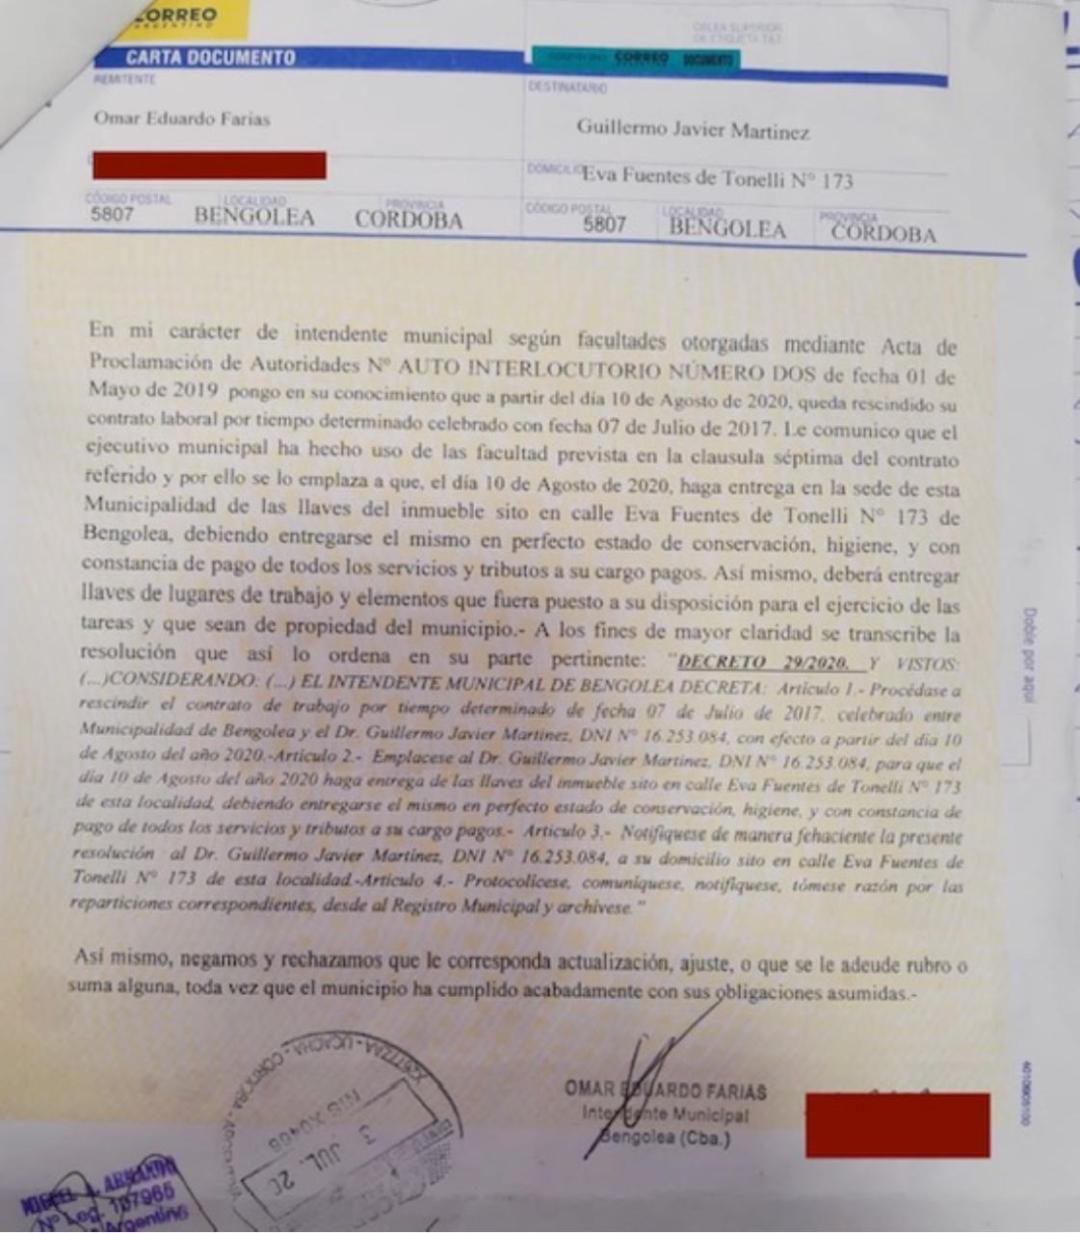 Carta Documento enviada por la Municipalidad de Bengolea pidiendo la cesación de servicios médicos de Guillermo Martínez.